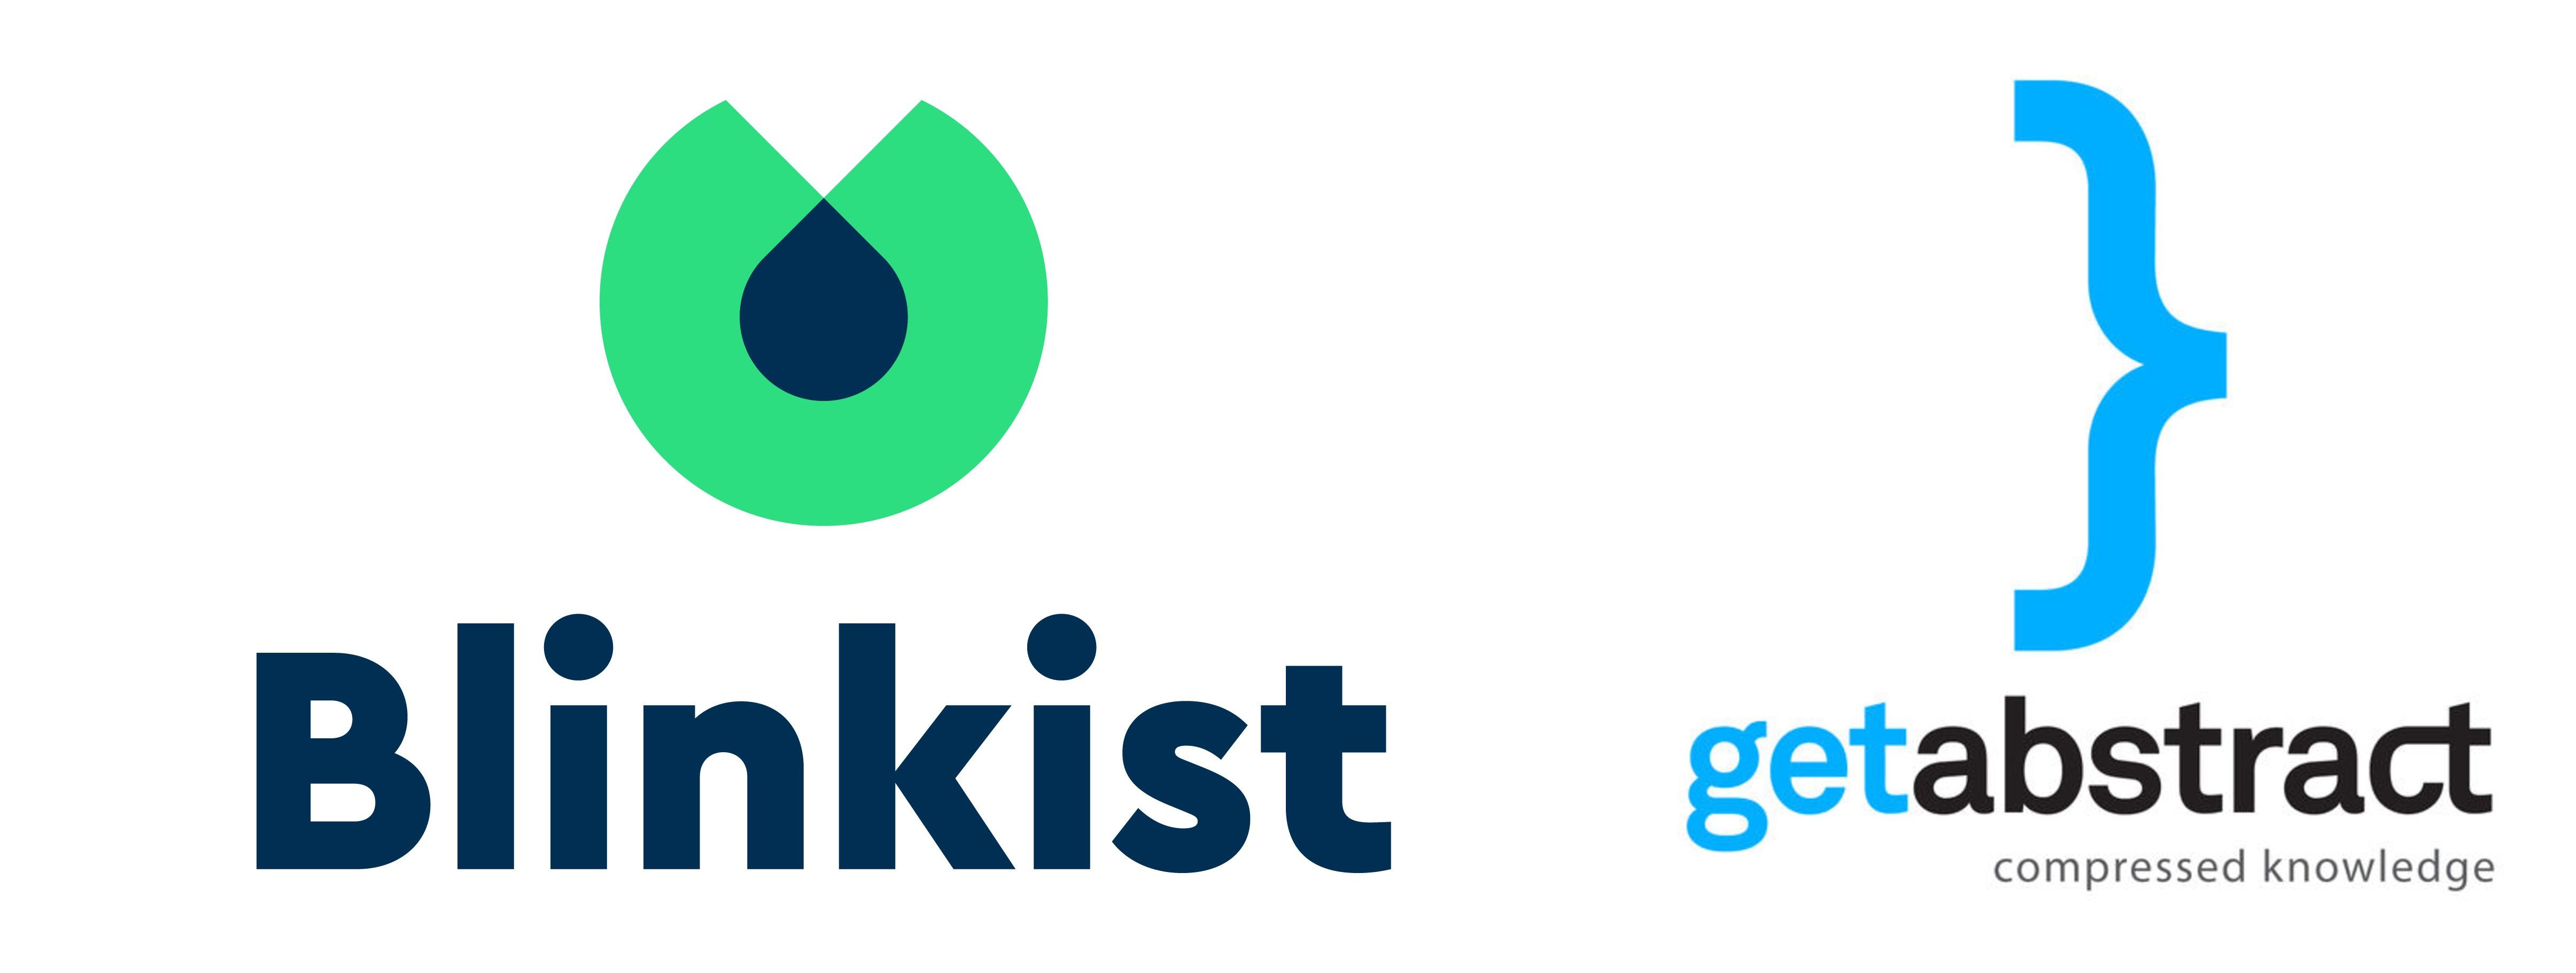 Blinkist vs GetAbstract